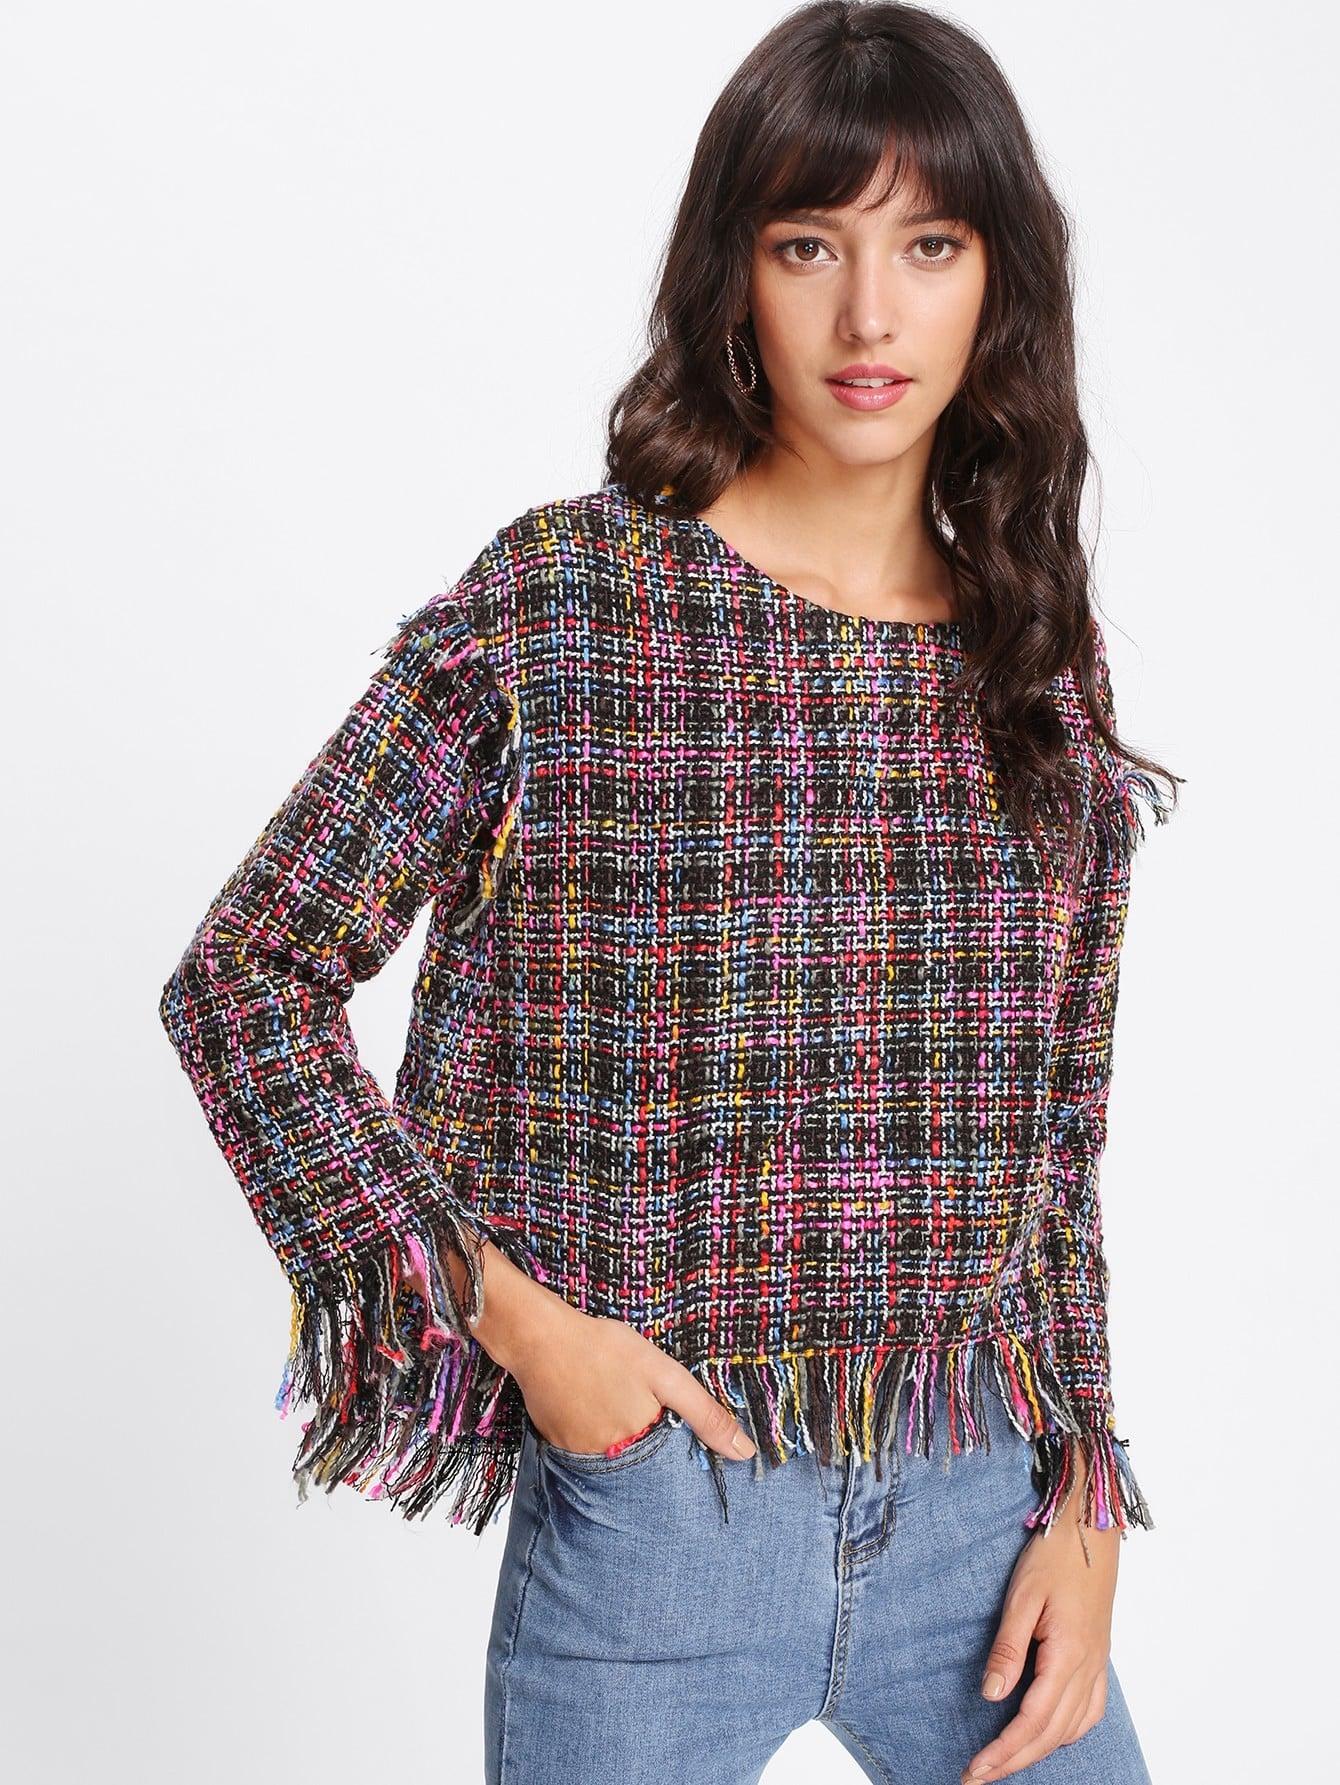 Fringe Trim Dip Hem Tweed Top lace trim fringe detail tweed top